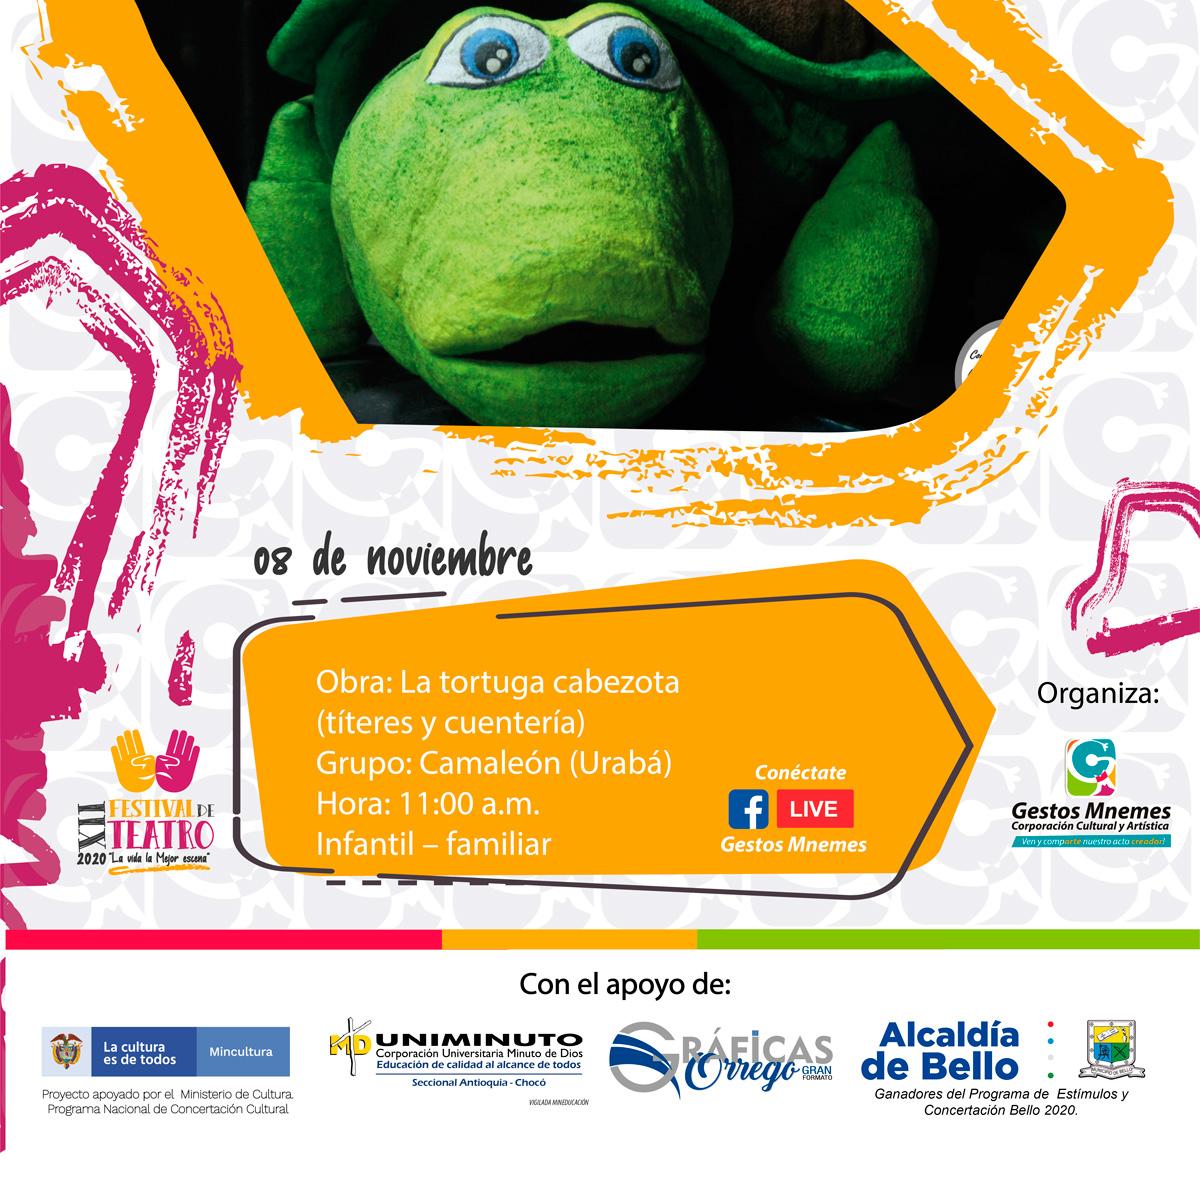 13---08-de-NOV-La-tortuga-cabezona